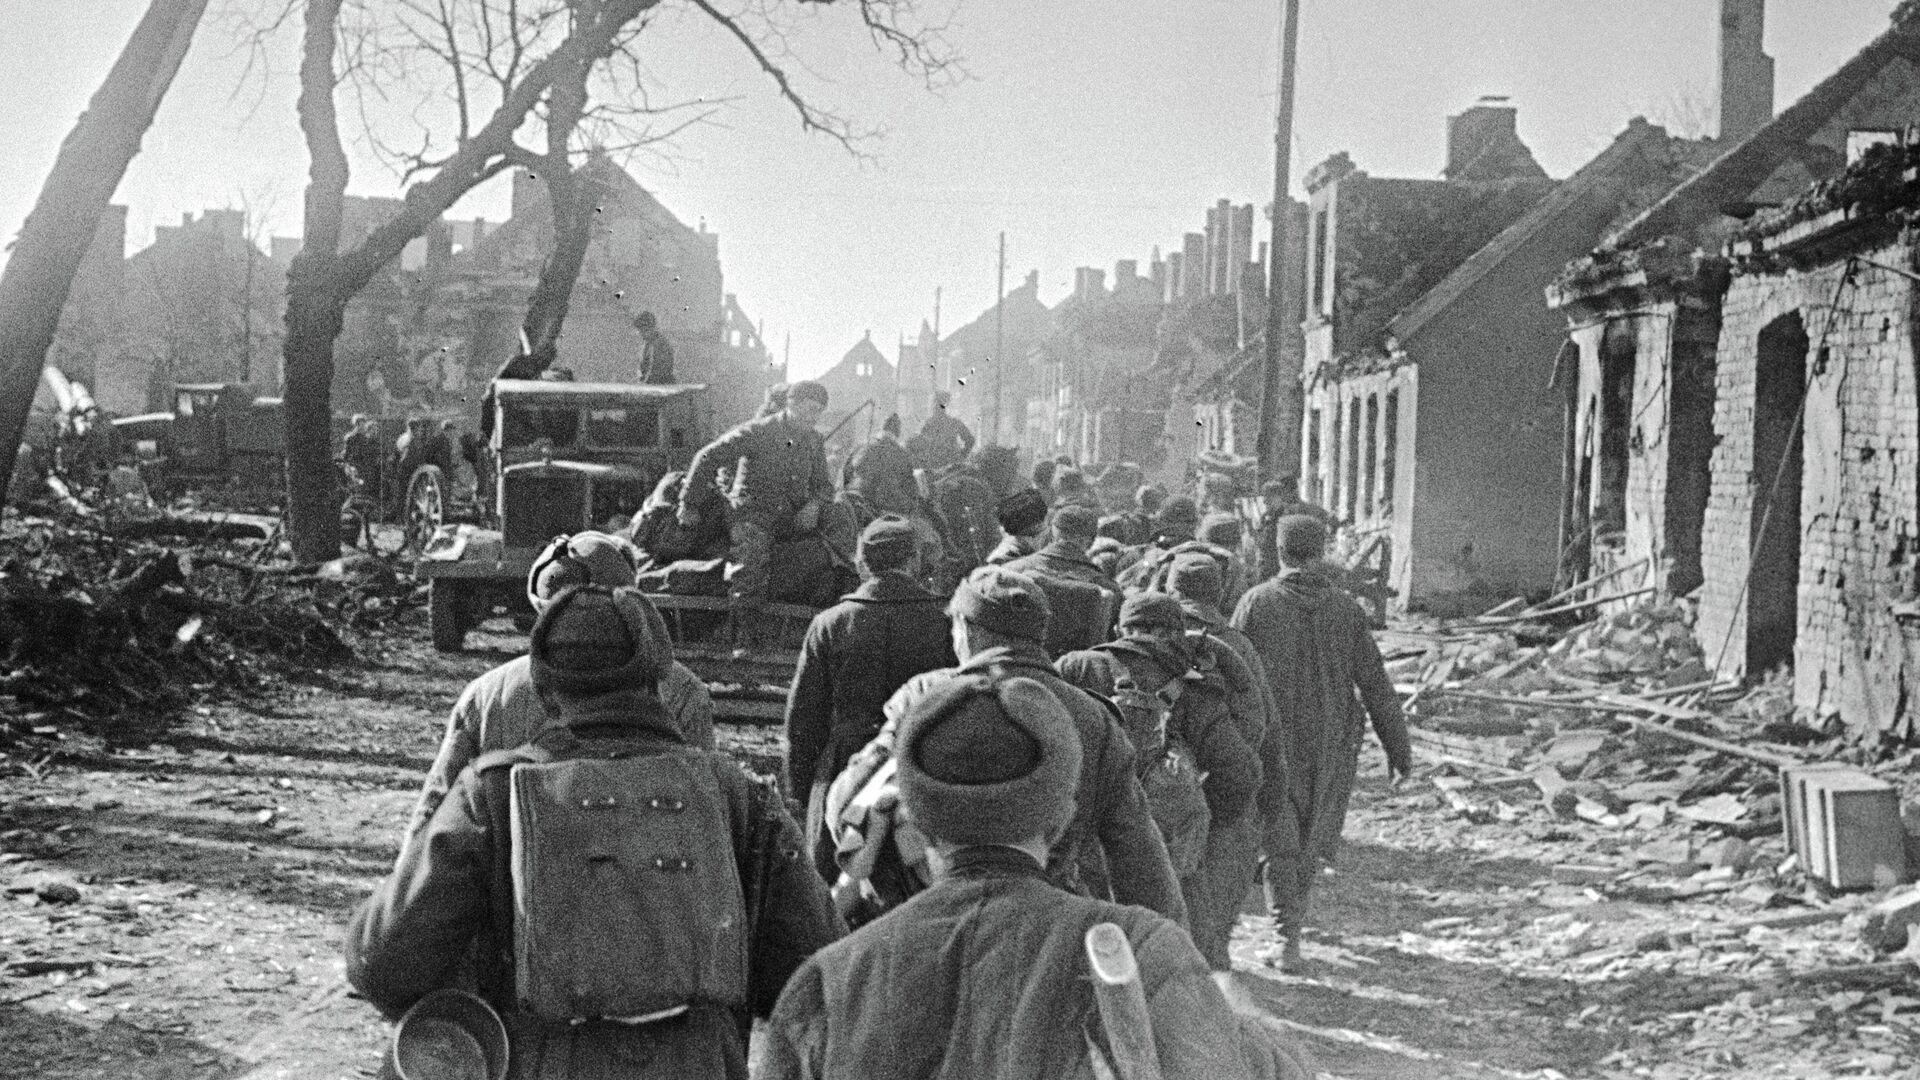 По восточной Пруссии идут советские части - РИА Новости, 1920, 19.04.2021